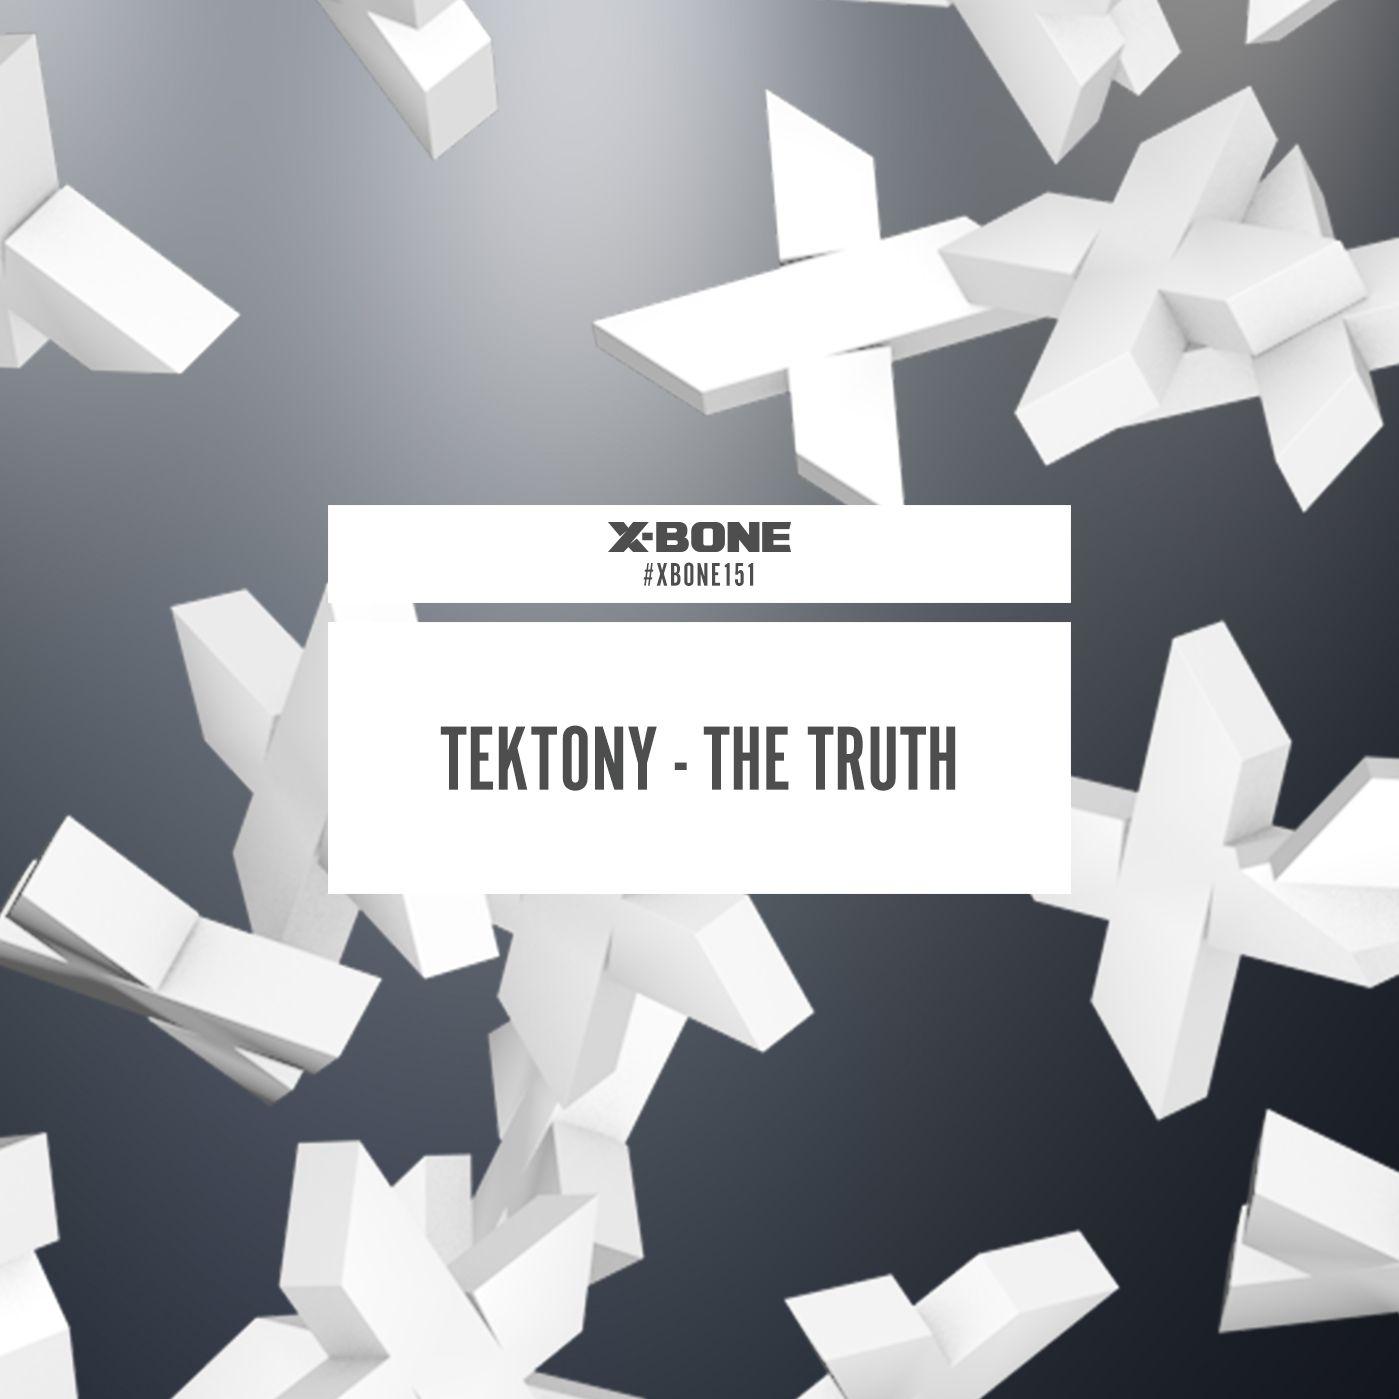 Tektony - The Truth [X-BONE RECORDS] XBONE151